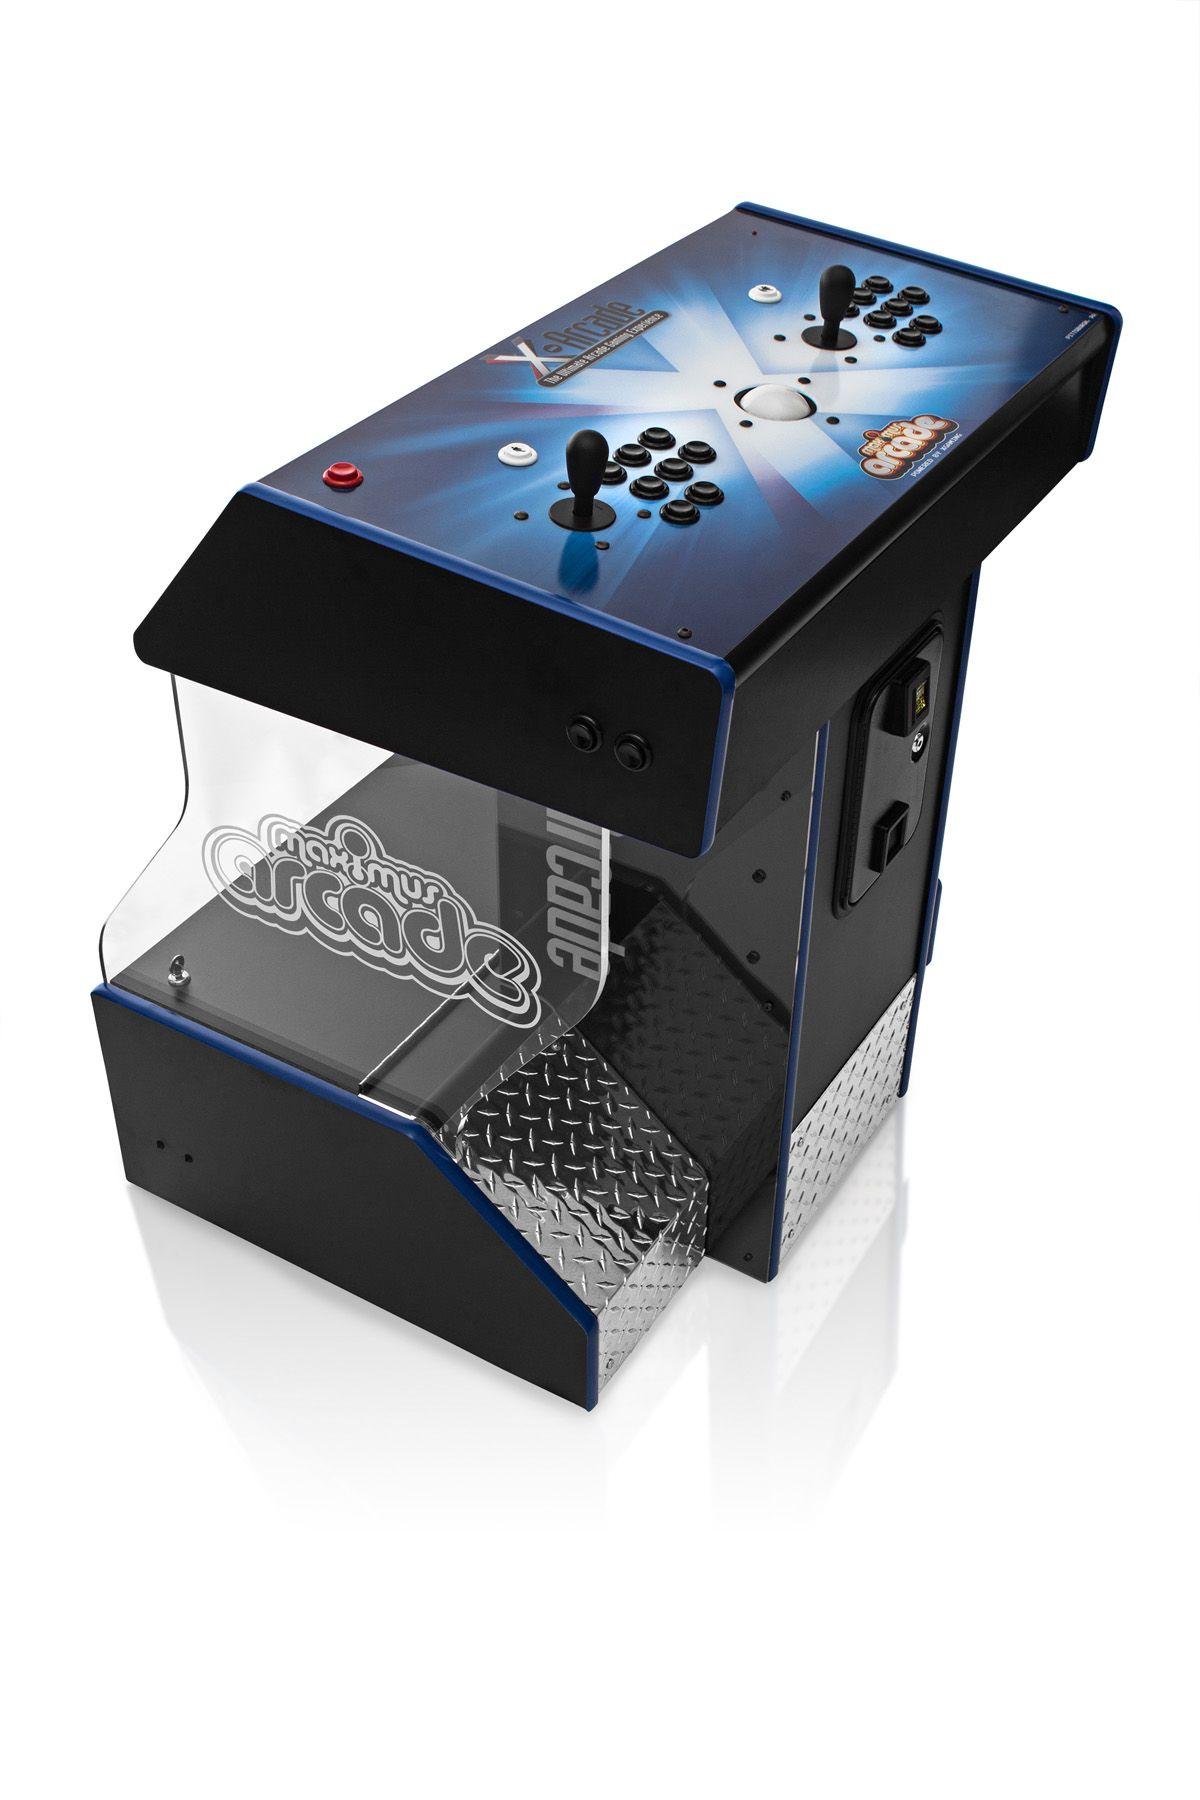 pingl par wes ecker sur mame multi arcade systems pinterest salle de jeux jeux et salle. Black Bedroom Furniture Sets. Home Design Ideas